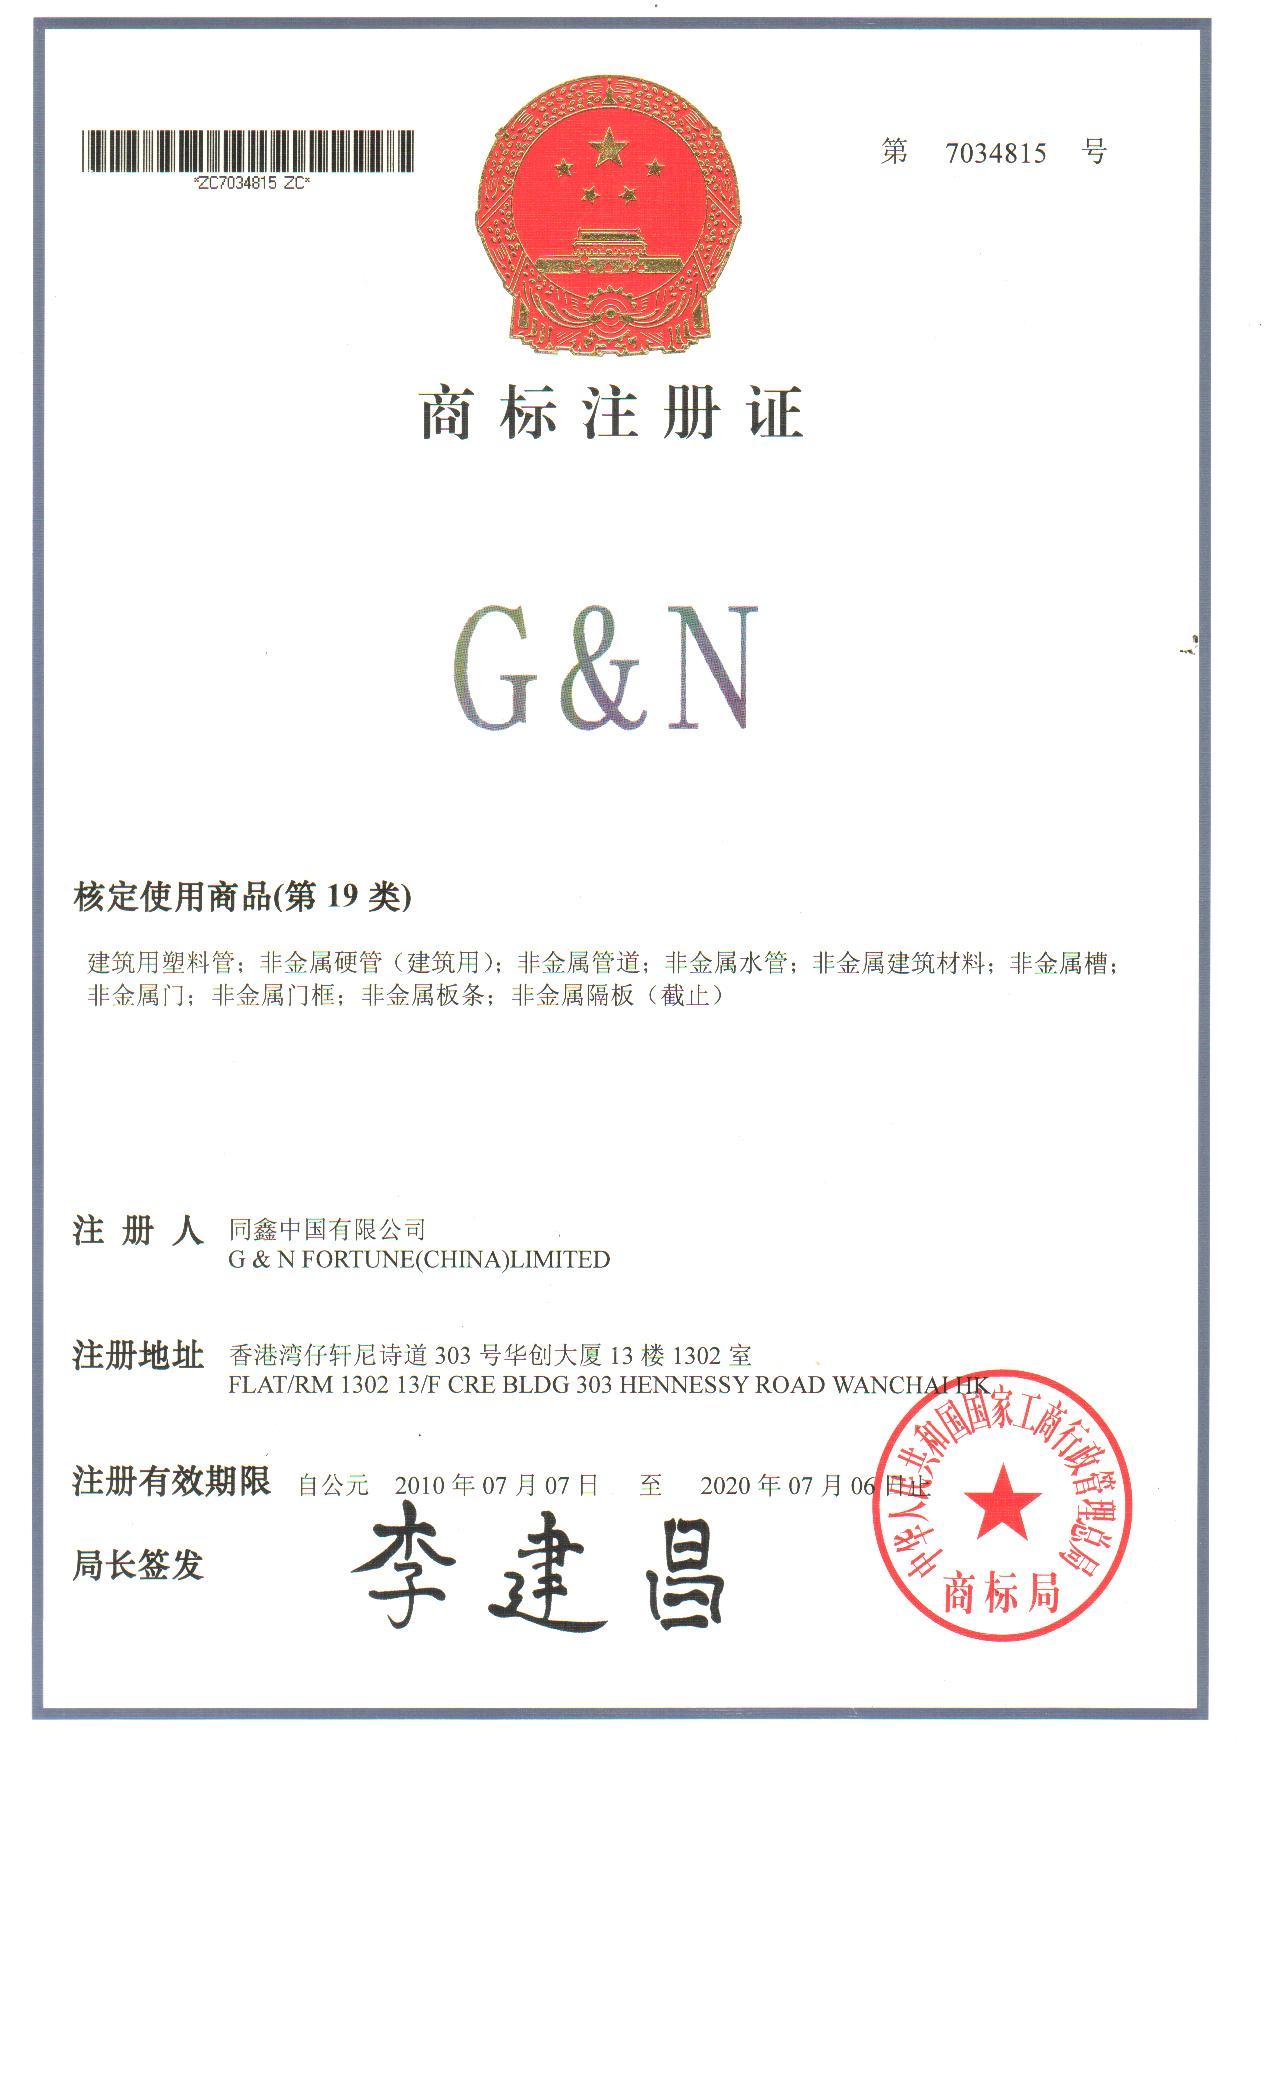 G & N